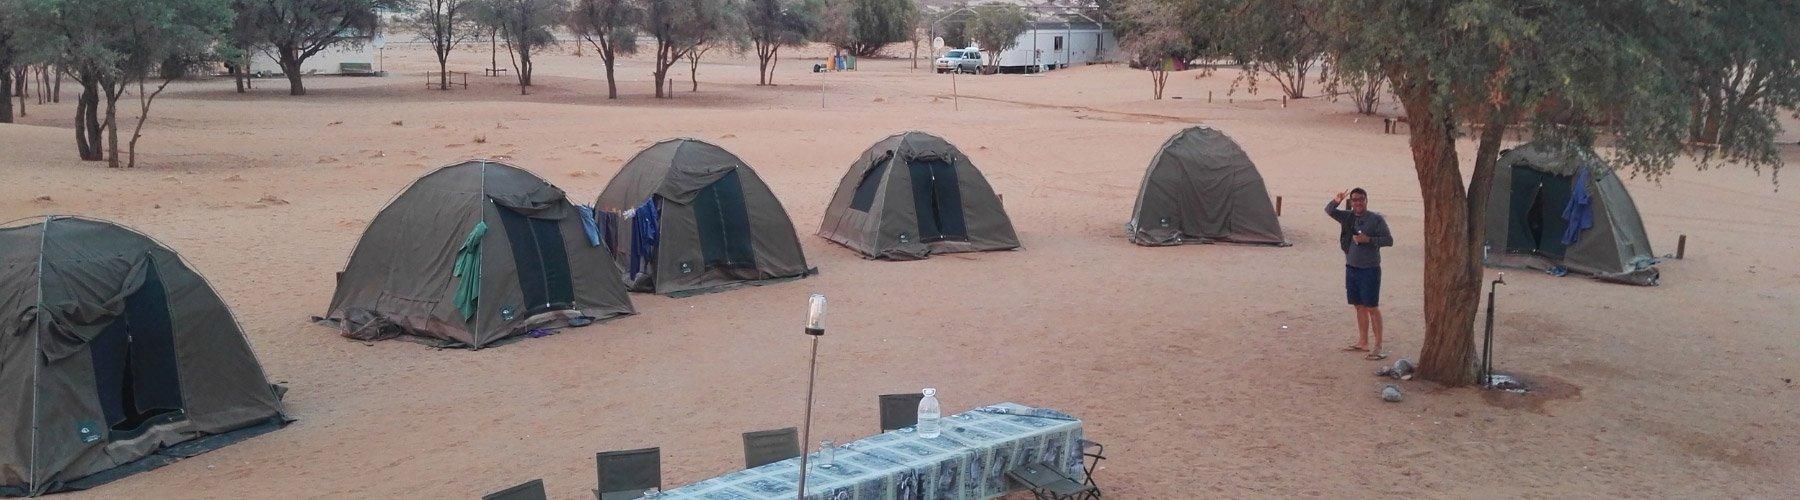 Viaggi in camping in Africa: informazioni e idee di viaggio.